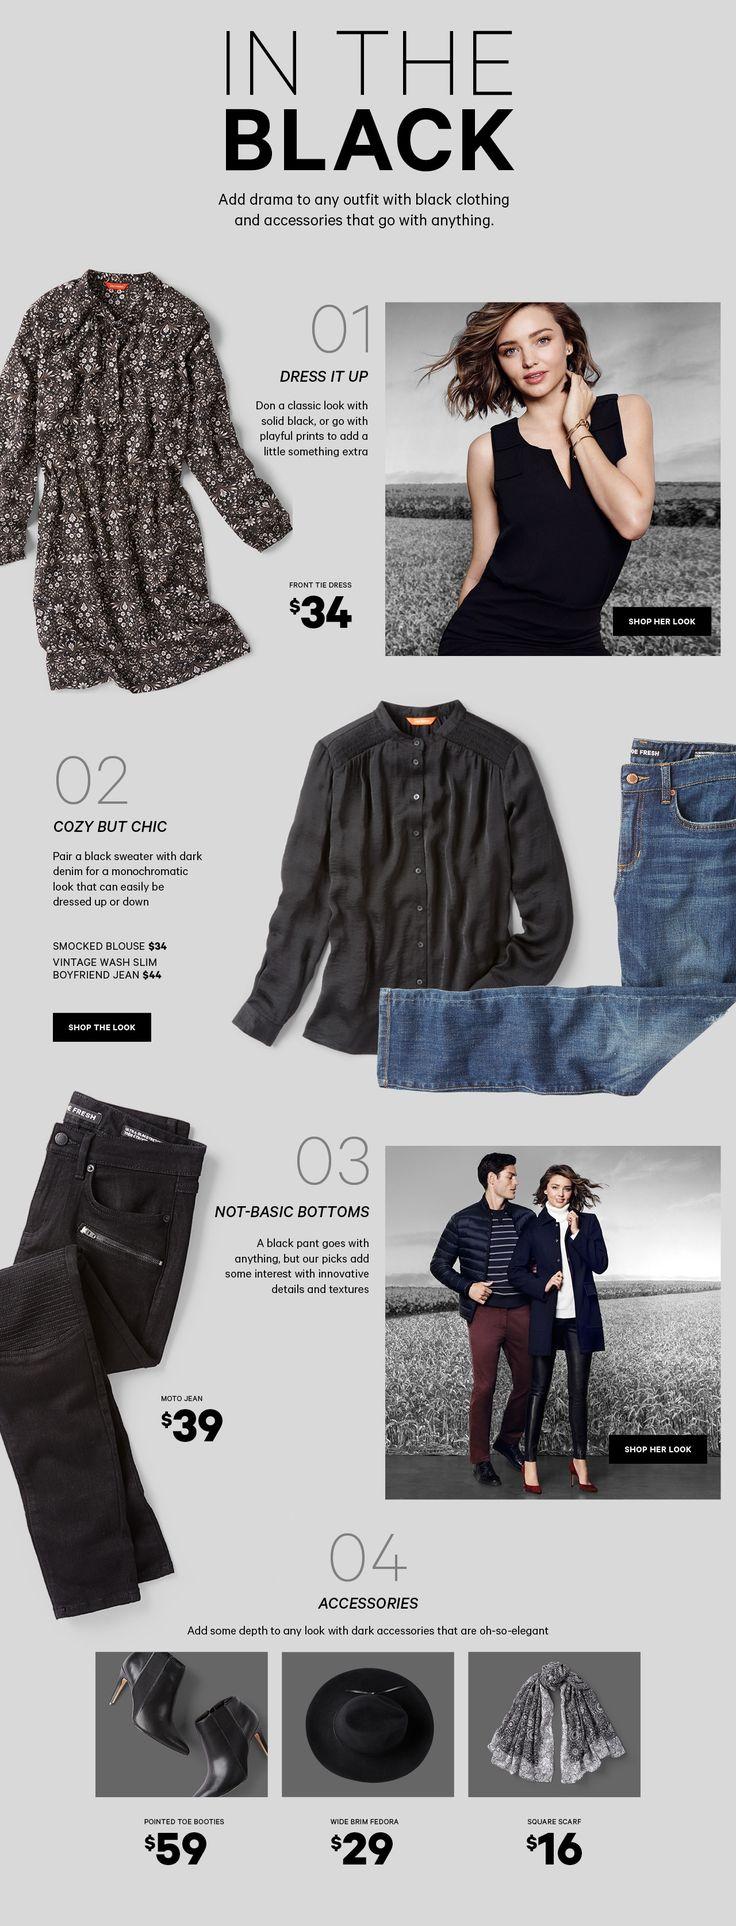 JOEFRESH.COM | カナダ全土に330以上の店舗がある、まさにカナダのユニクロ的なブランド。メンズ、レディース、キッズラインも揃っていて大手のカナディアンスーパーストアにも併設されています。値段の割には質がよくデザインも流行をおさえています。Yシャツなどオフィスでも使えるようなアイテムも手に入ります。またコスメも販売しており、そちらもお手ごろ価格でおすすめです。NYのSOHO地区にも店舗ができるなどおしゃれブランドとして認知されつつあります。